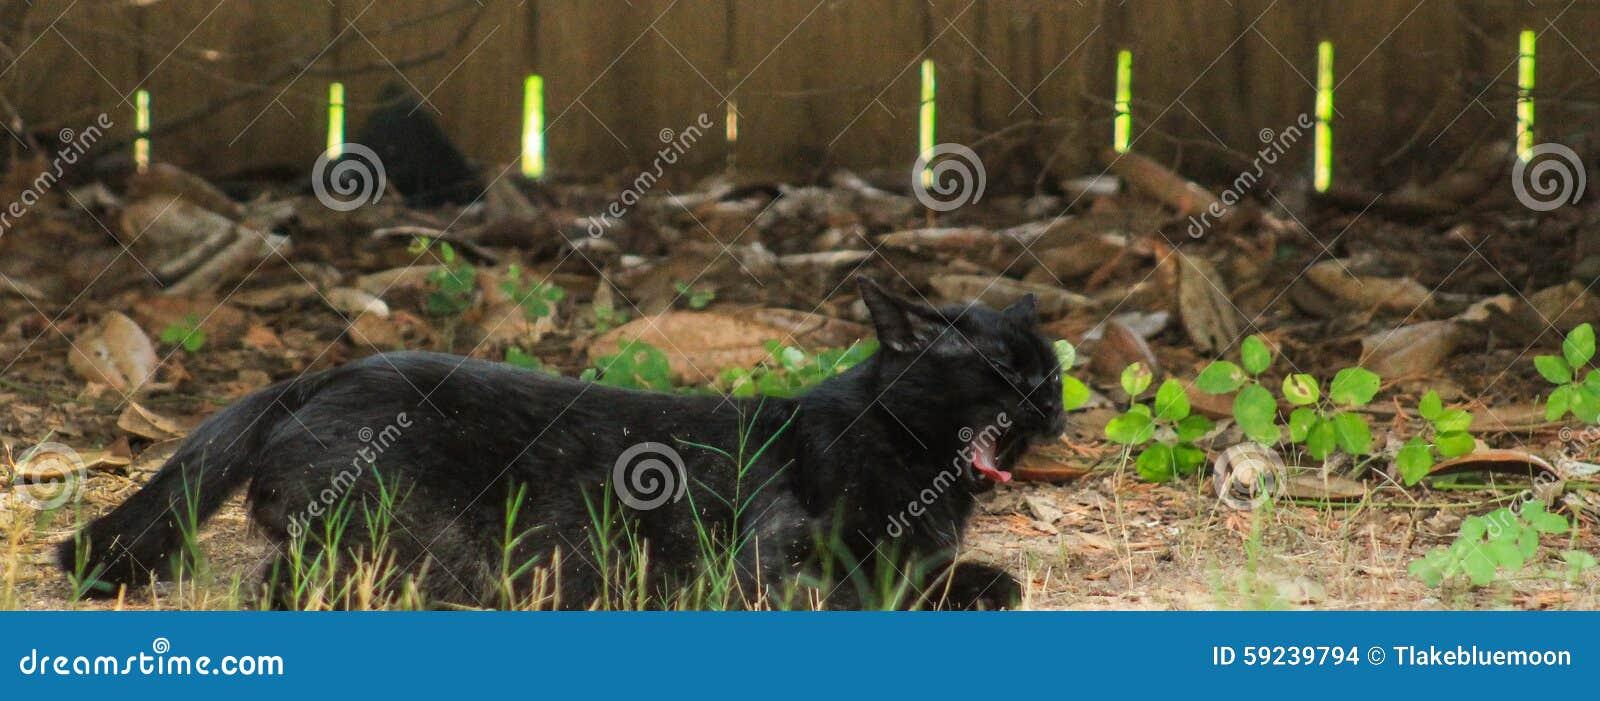 Gato negro - bostezos